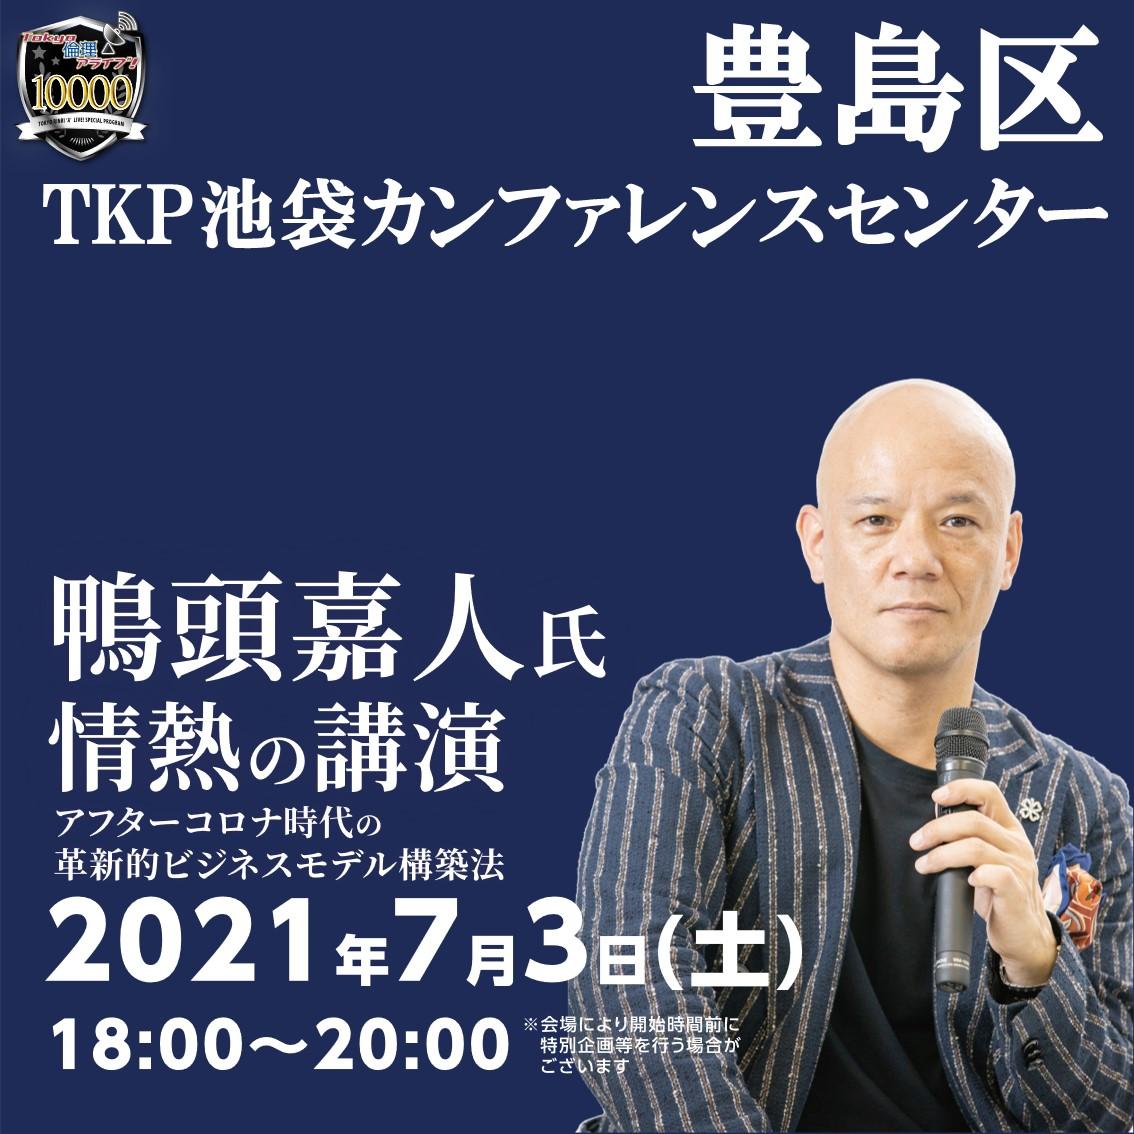 【豊島区】倫理アライブ10000サテライト会場【TKP池袋カンファレンスセンター】